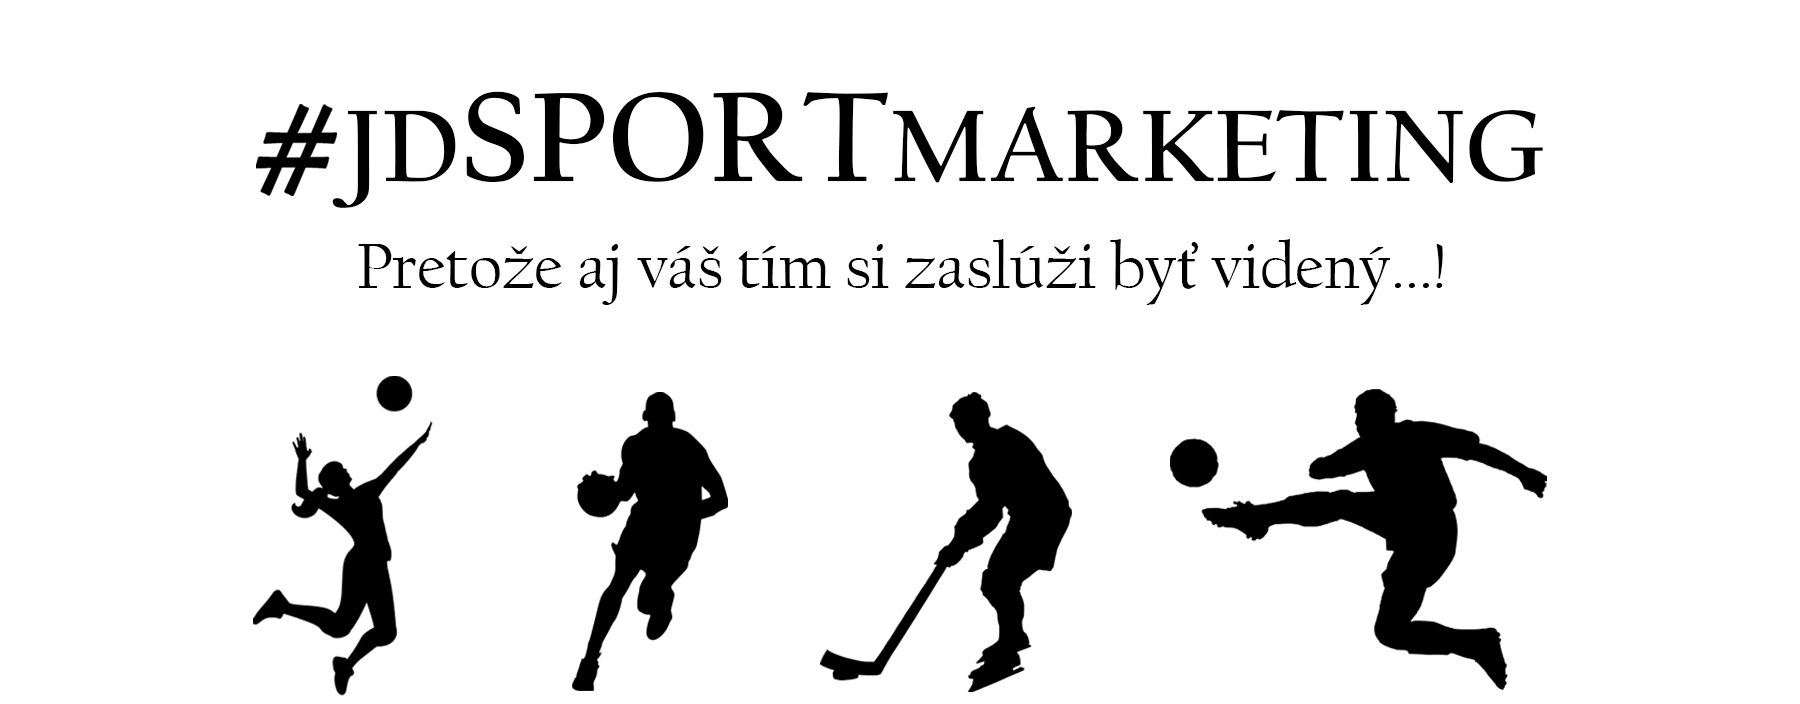 JD Sport Marketing